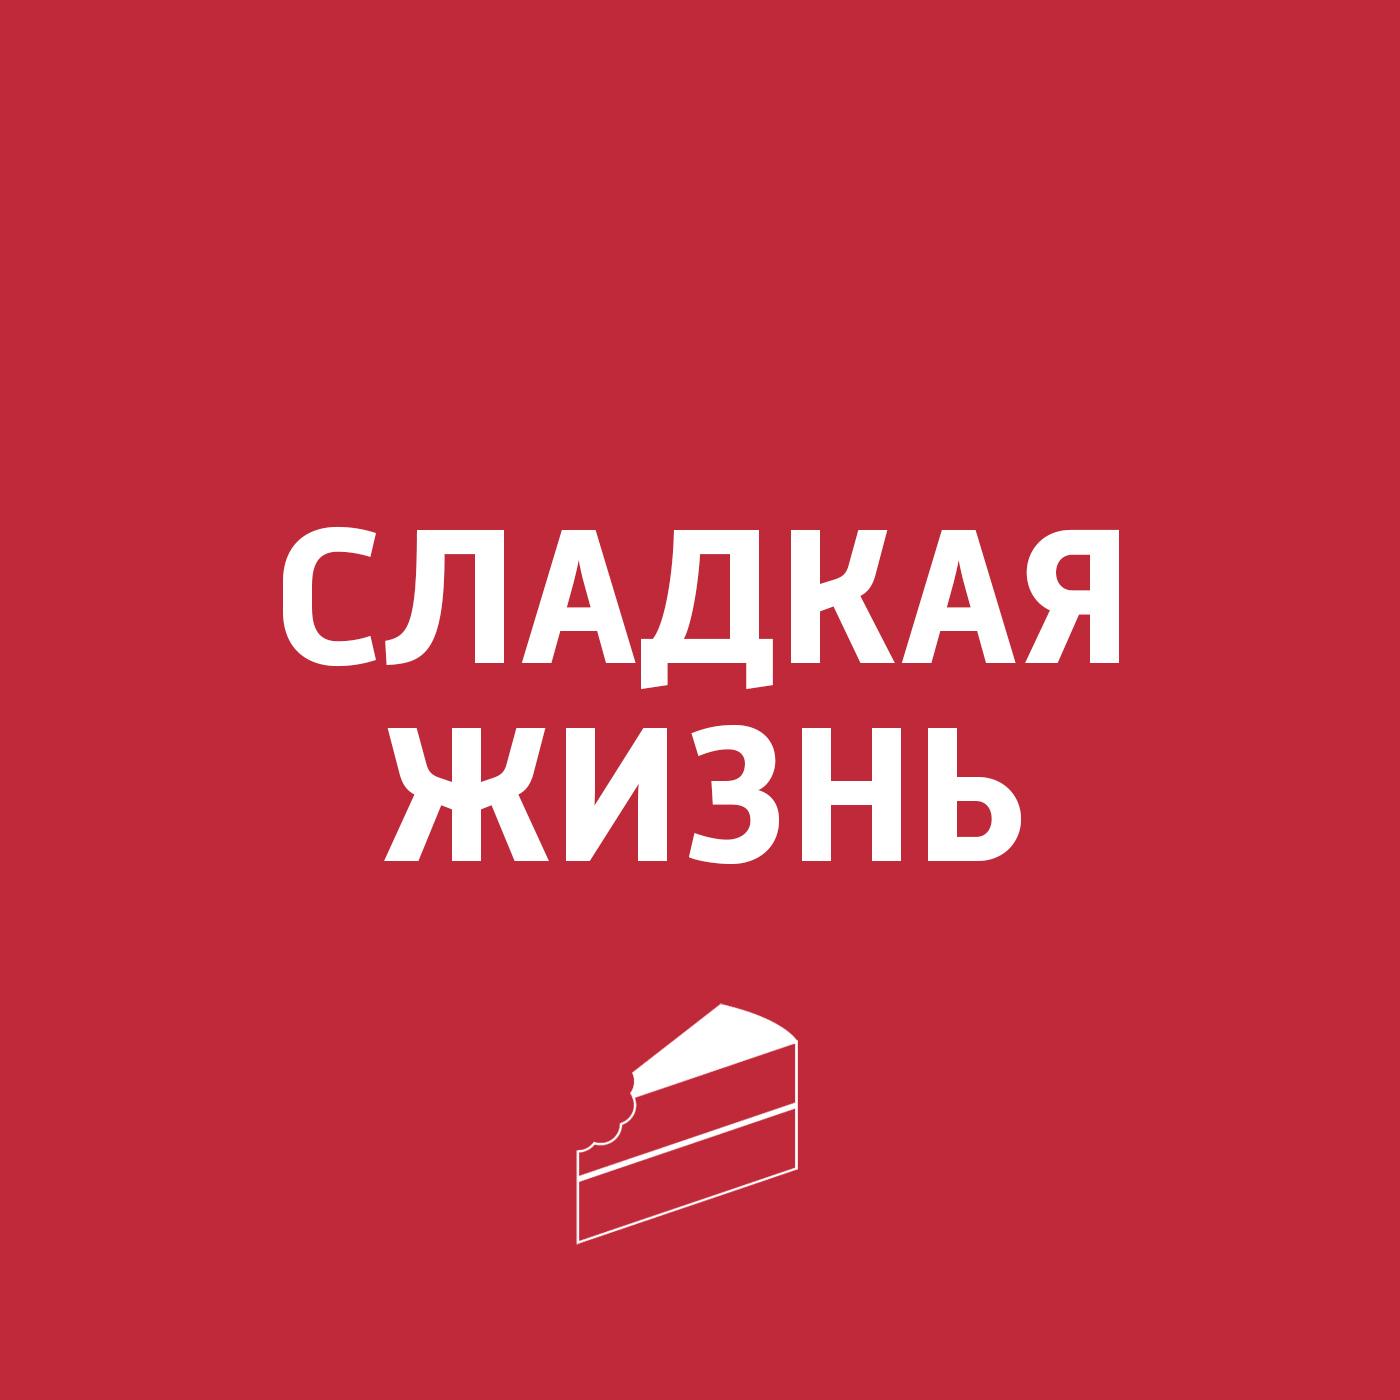 Картаев Павел Хворост bosch maz0fb контейнер для жарки во фритюре